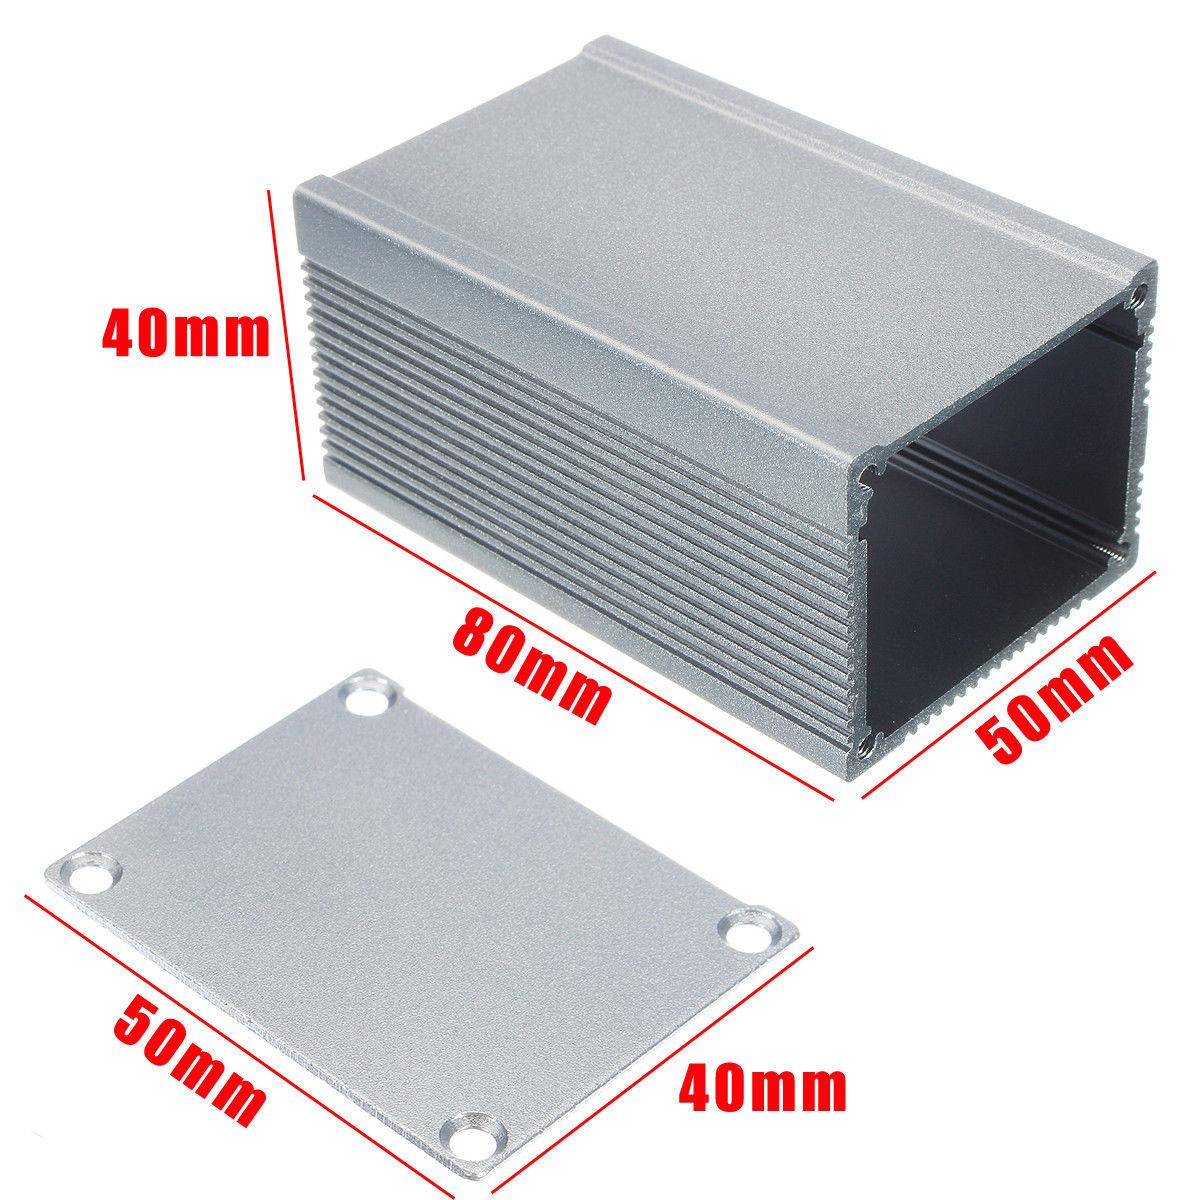 Алуминиева кутия 80x50x40mm, СРЕБРИСТА с панели /P912.095/